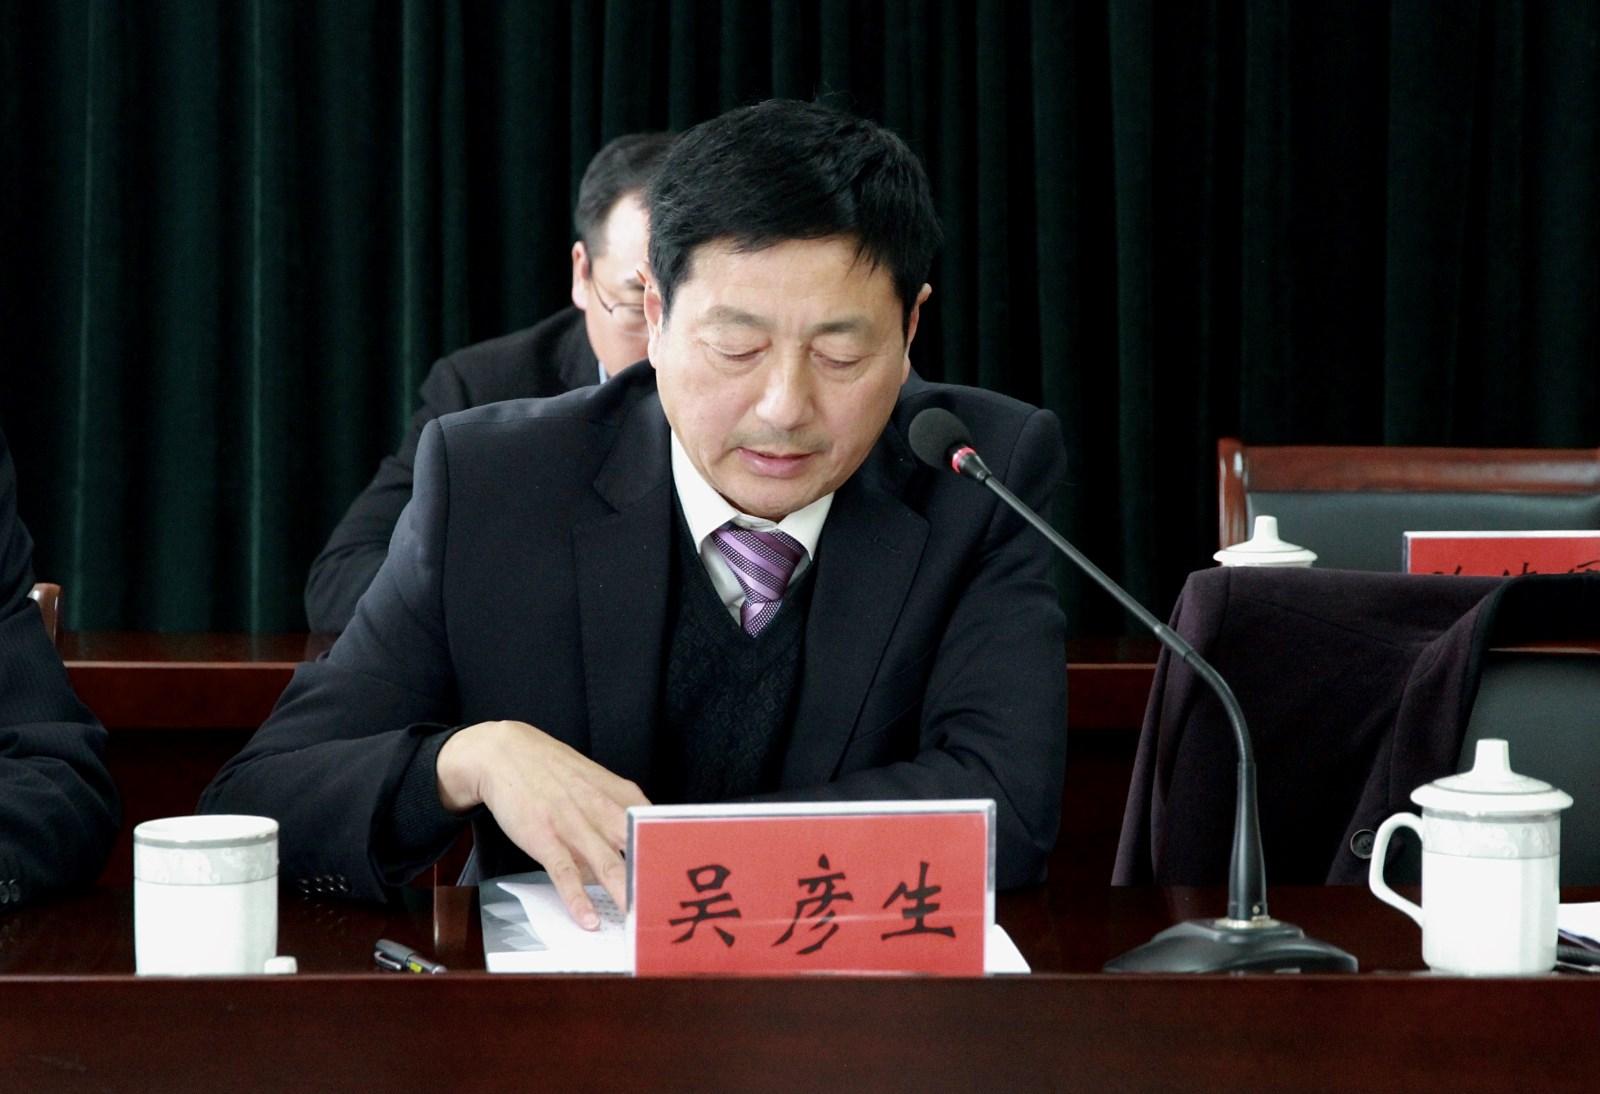 吴彦生副总宣读表彰决定.jpg